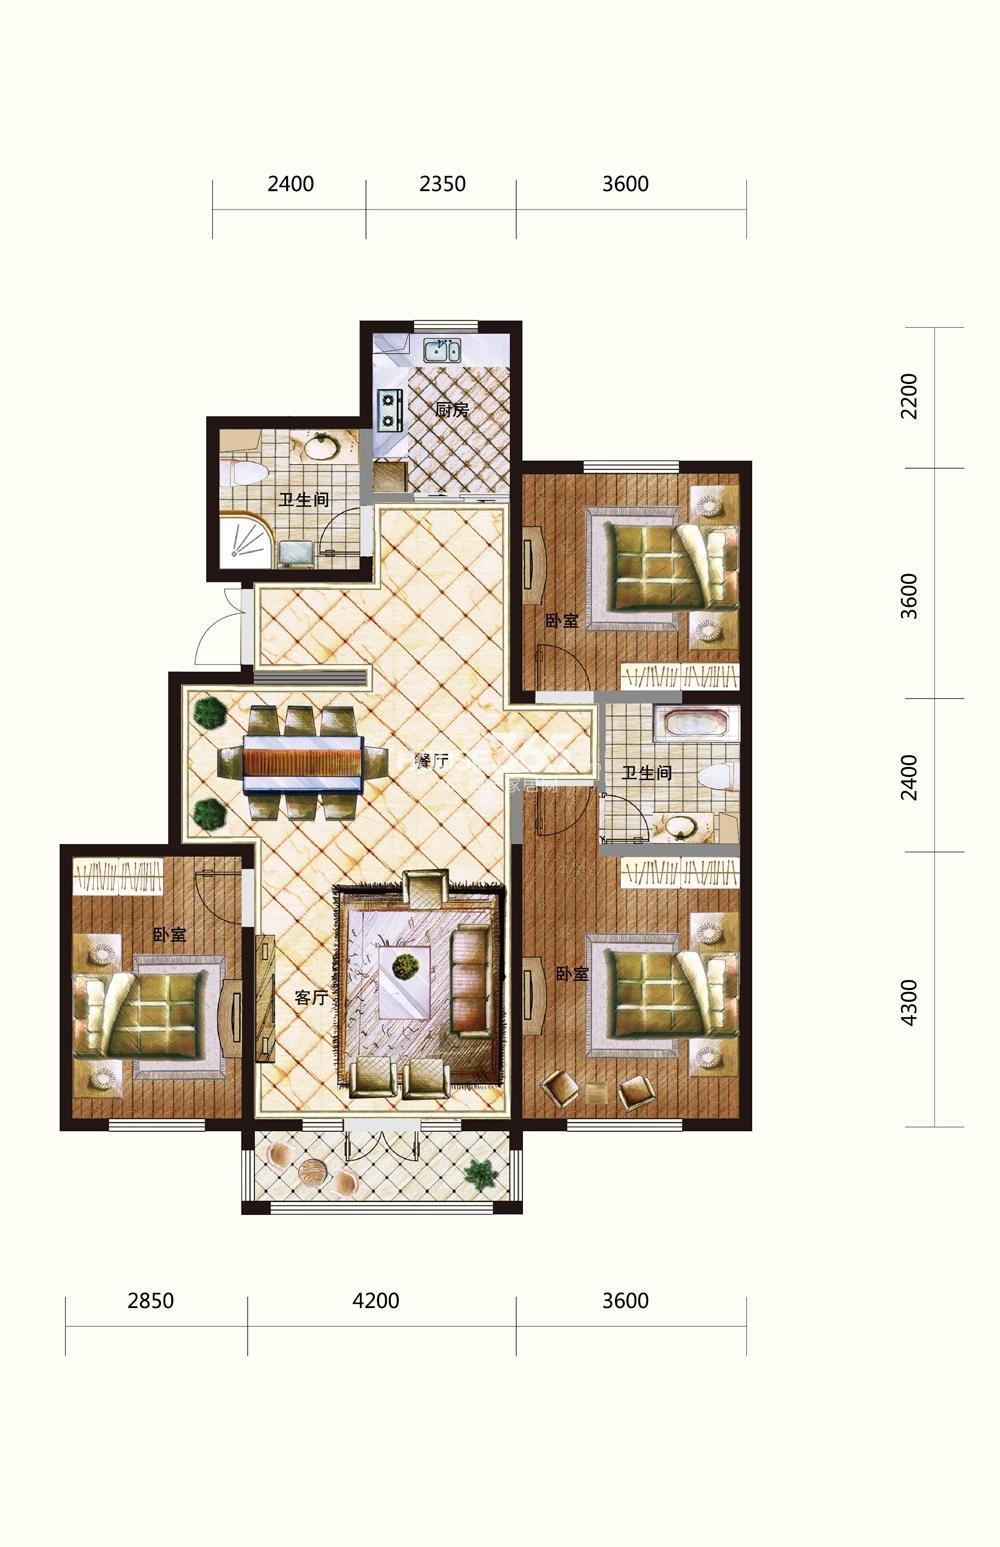 五矿紫晶御府三室两厅两卫146平米户型